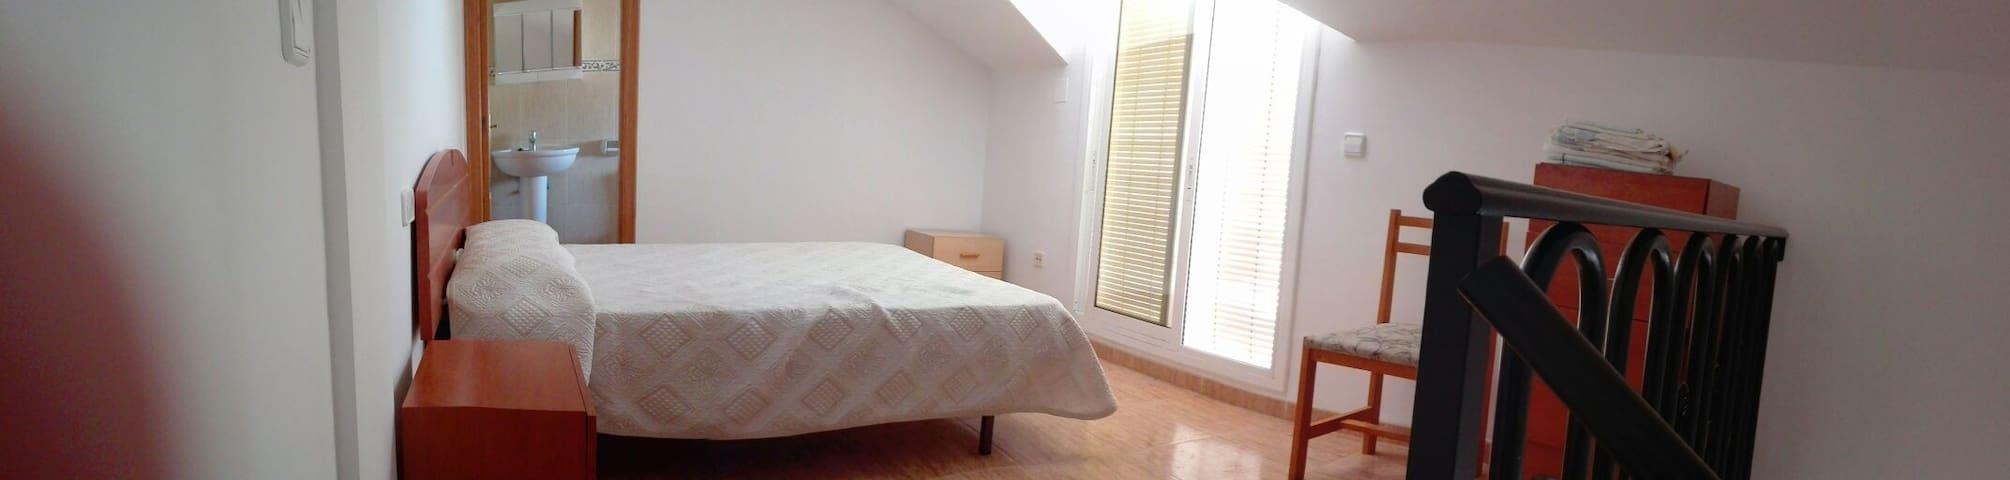 Ático - Les Cases d'Alcanar - Apartment